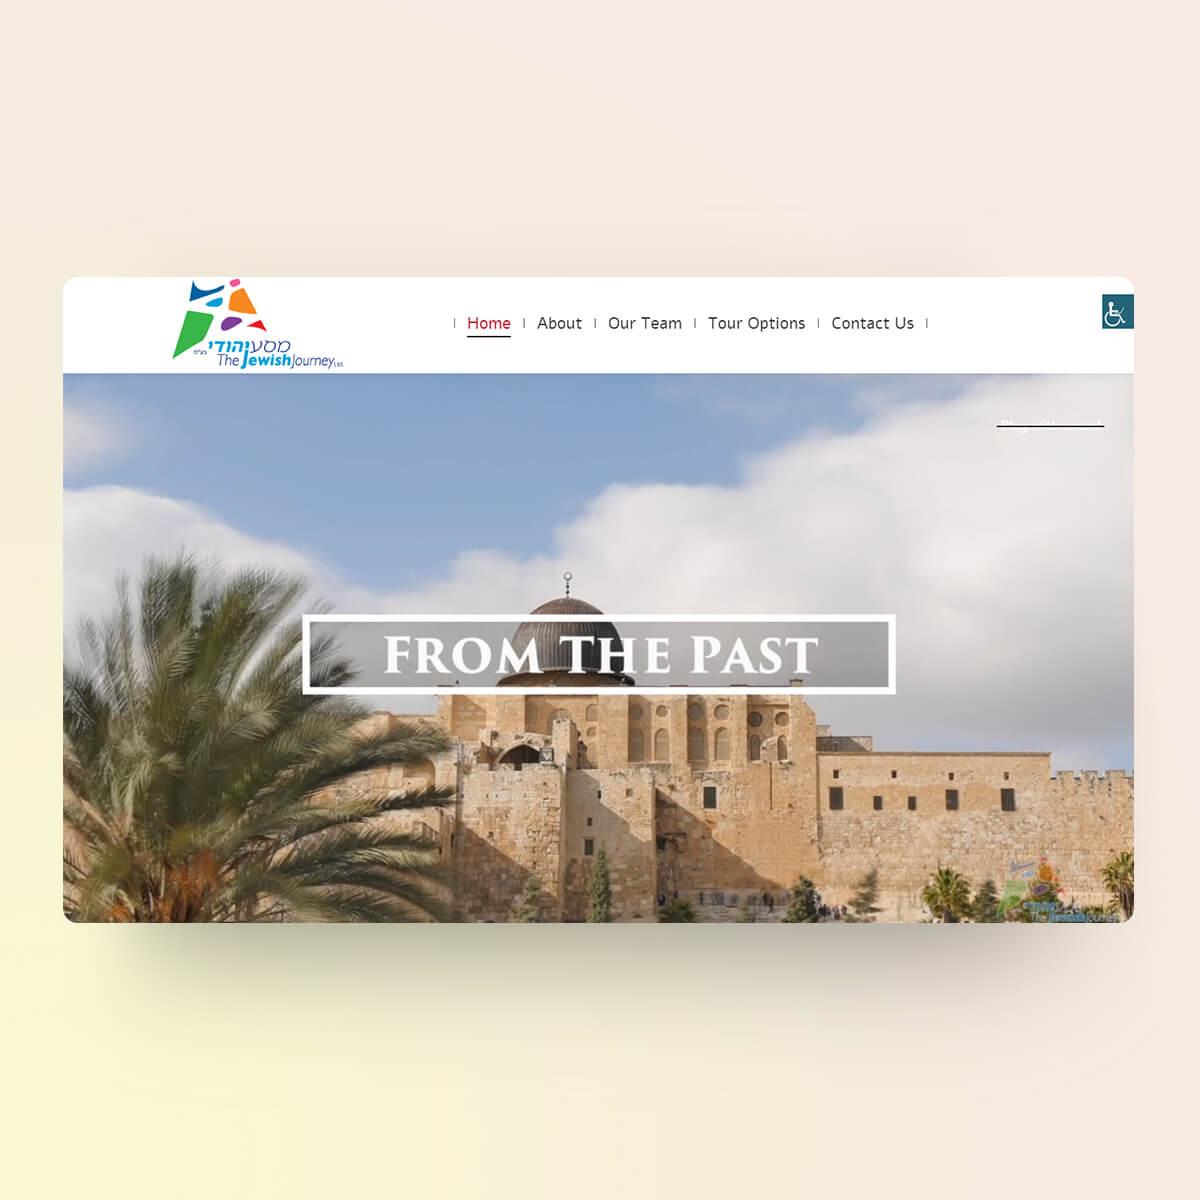 בניית אתרים - מסע יהודי